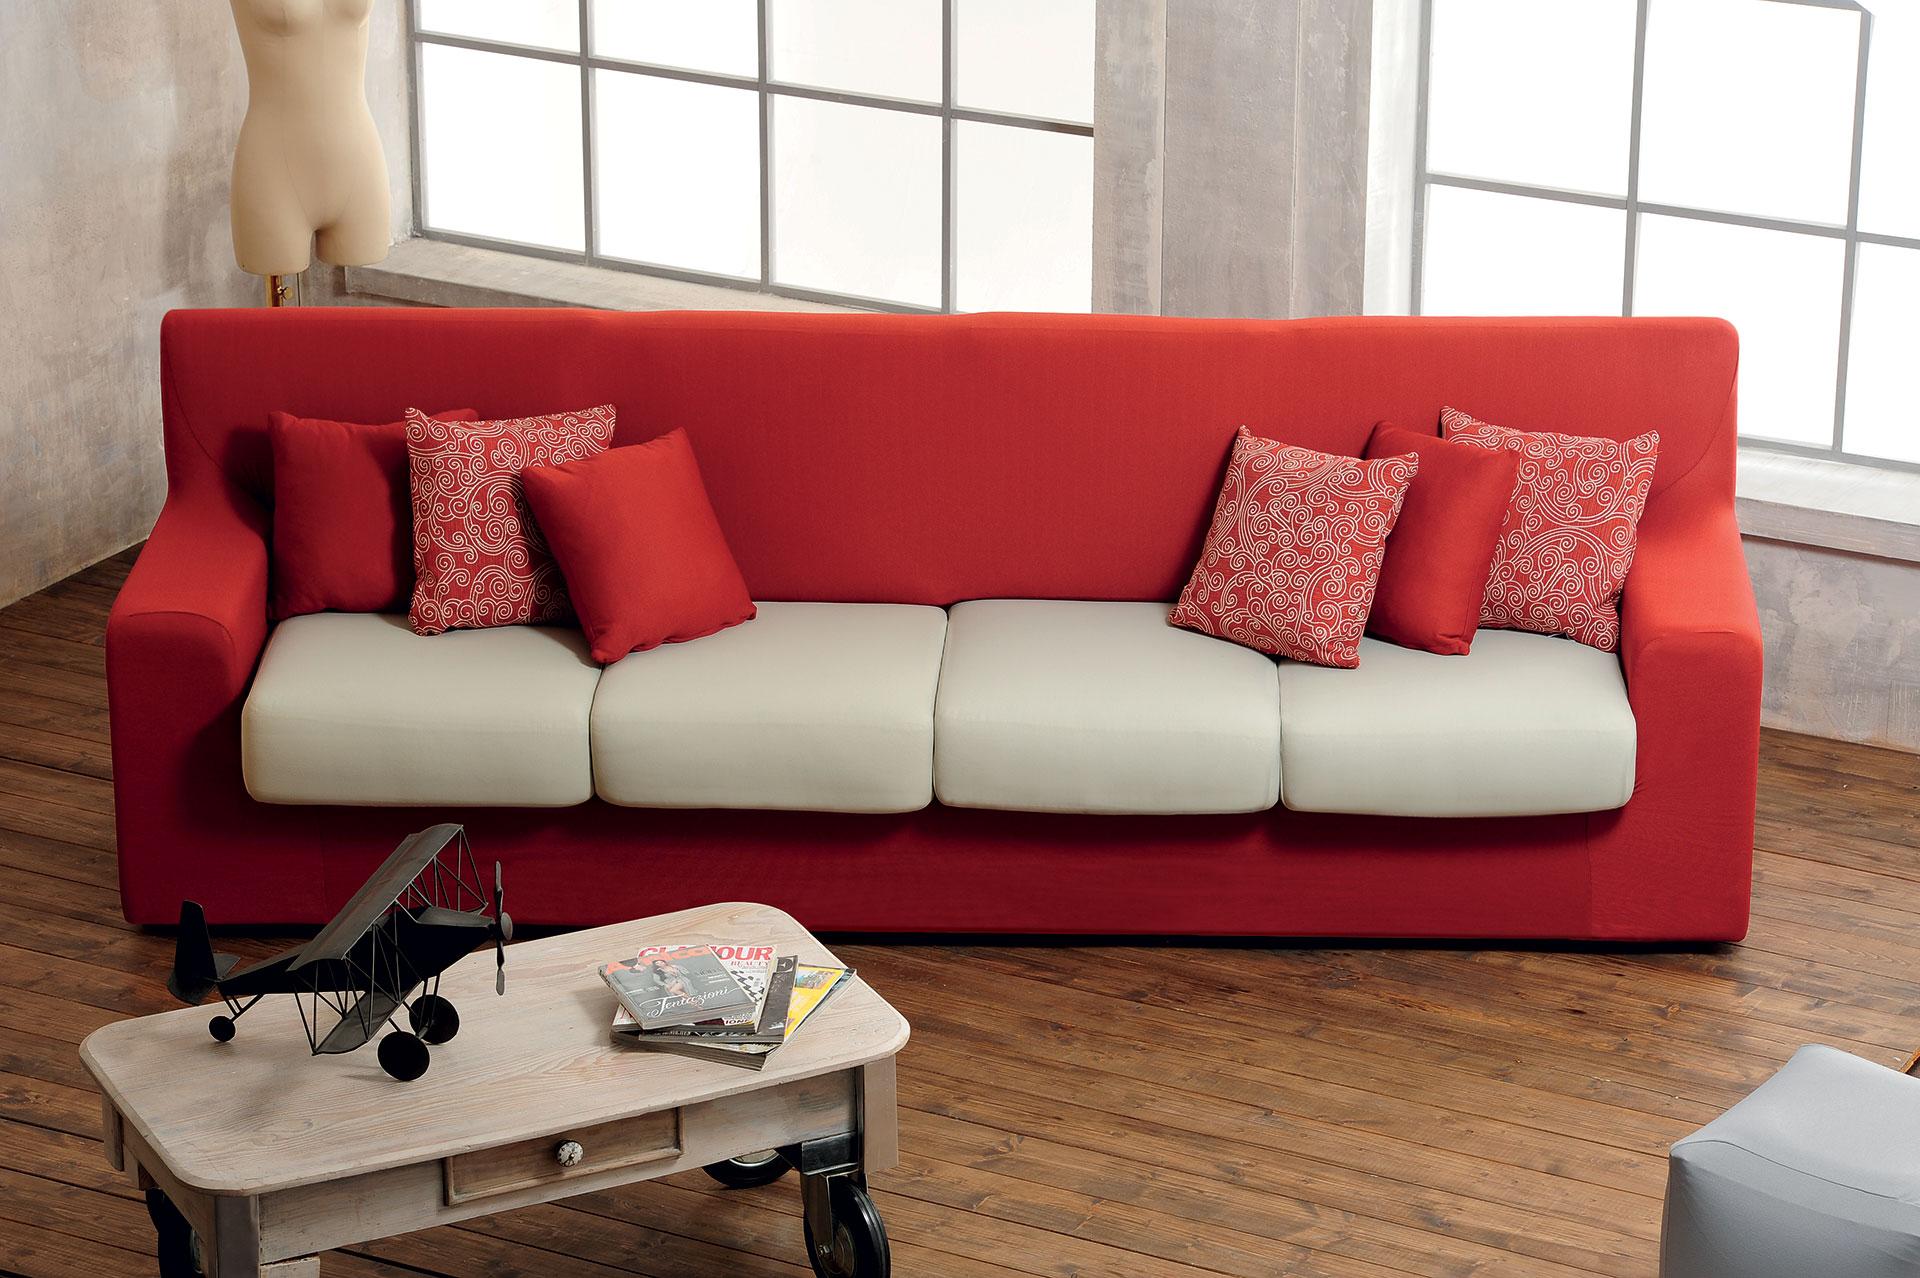 Copridivano genius pin copridivano genius angolare per - Copridivano per divani reclinabili ...